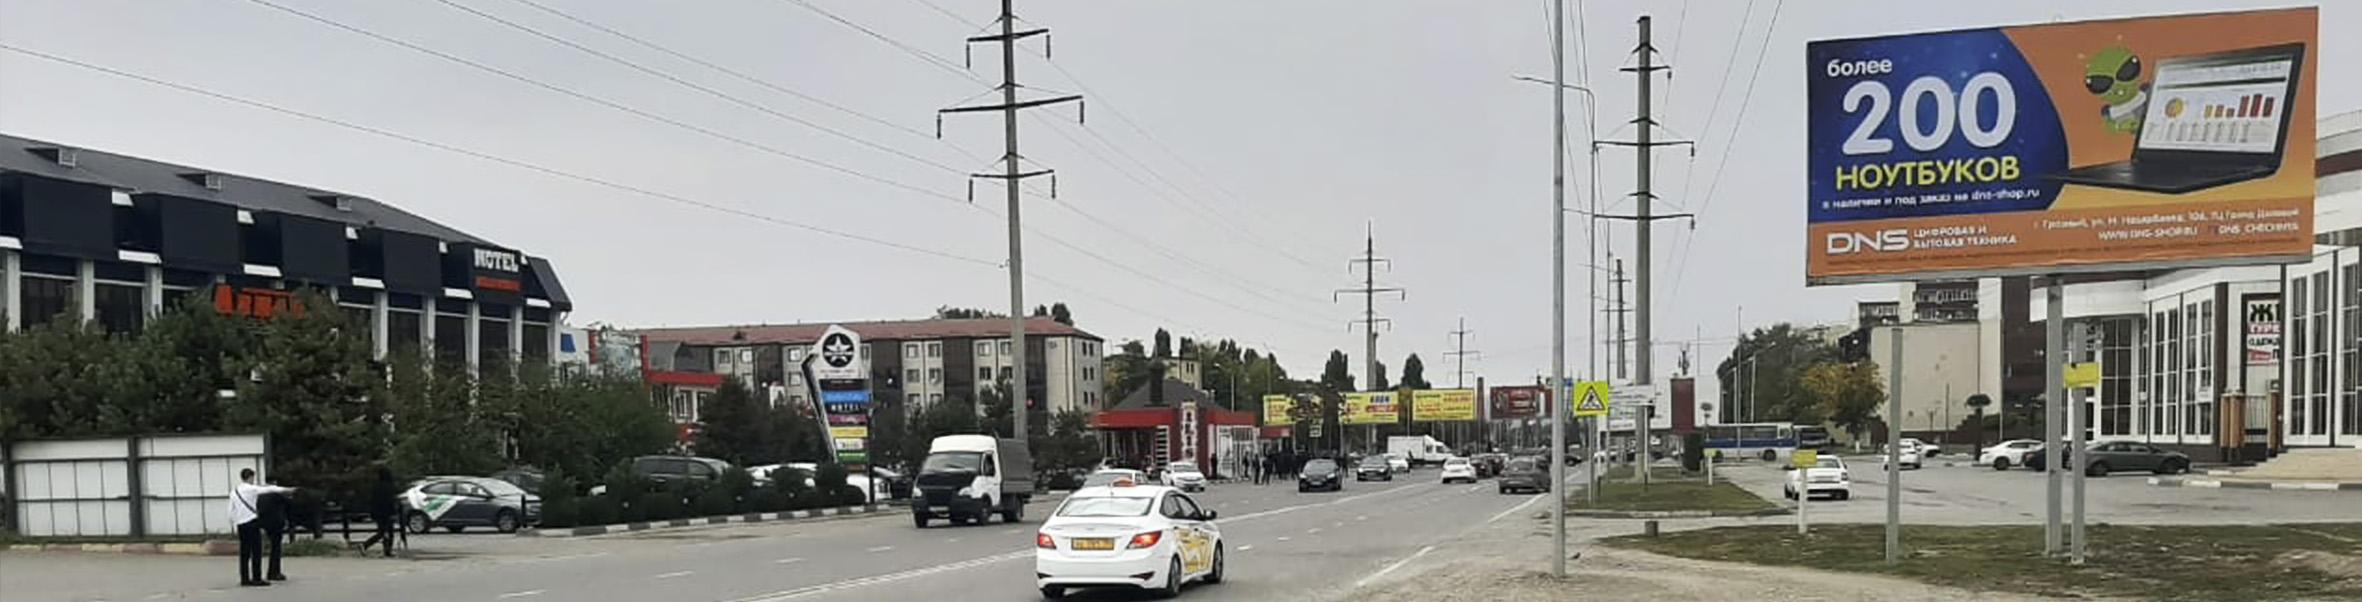 Аренда билбордов 3х6 в Грозном город